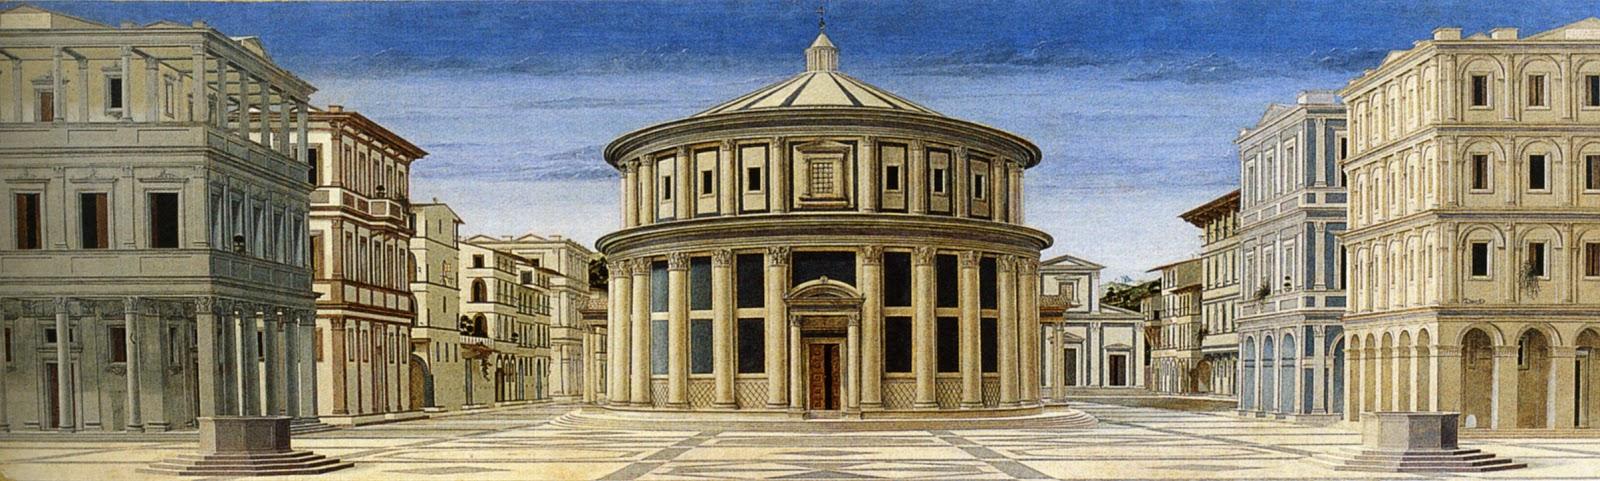 уголках рта архитектура и градостроительство античных городов-государств чему снится утка